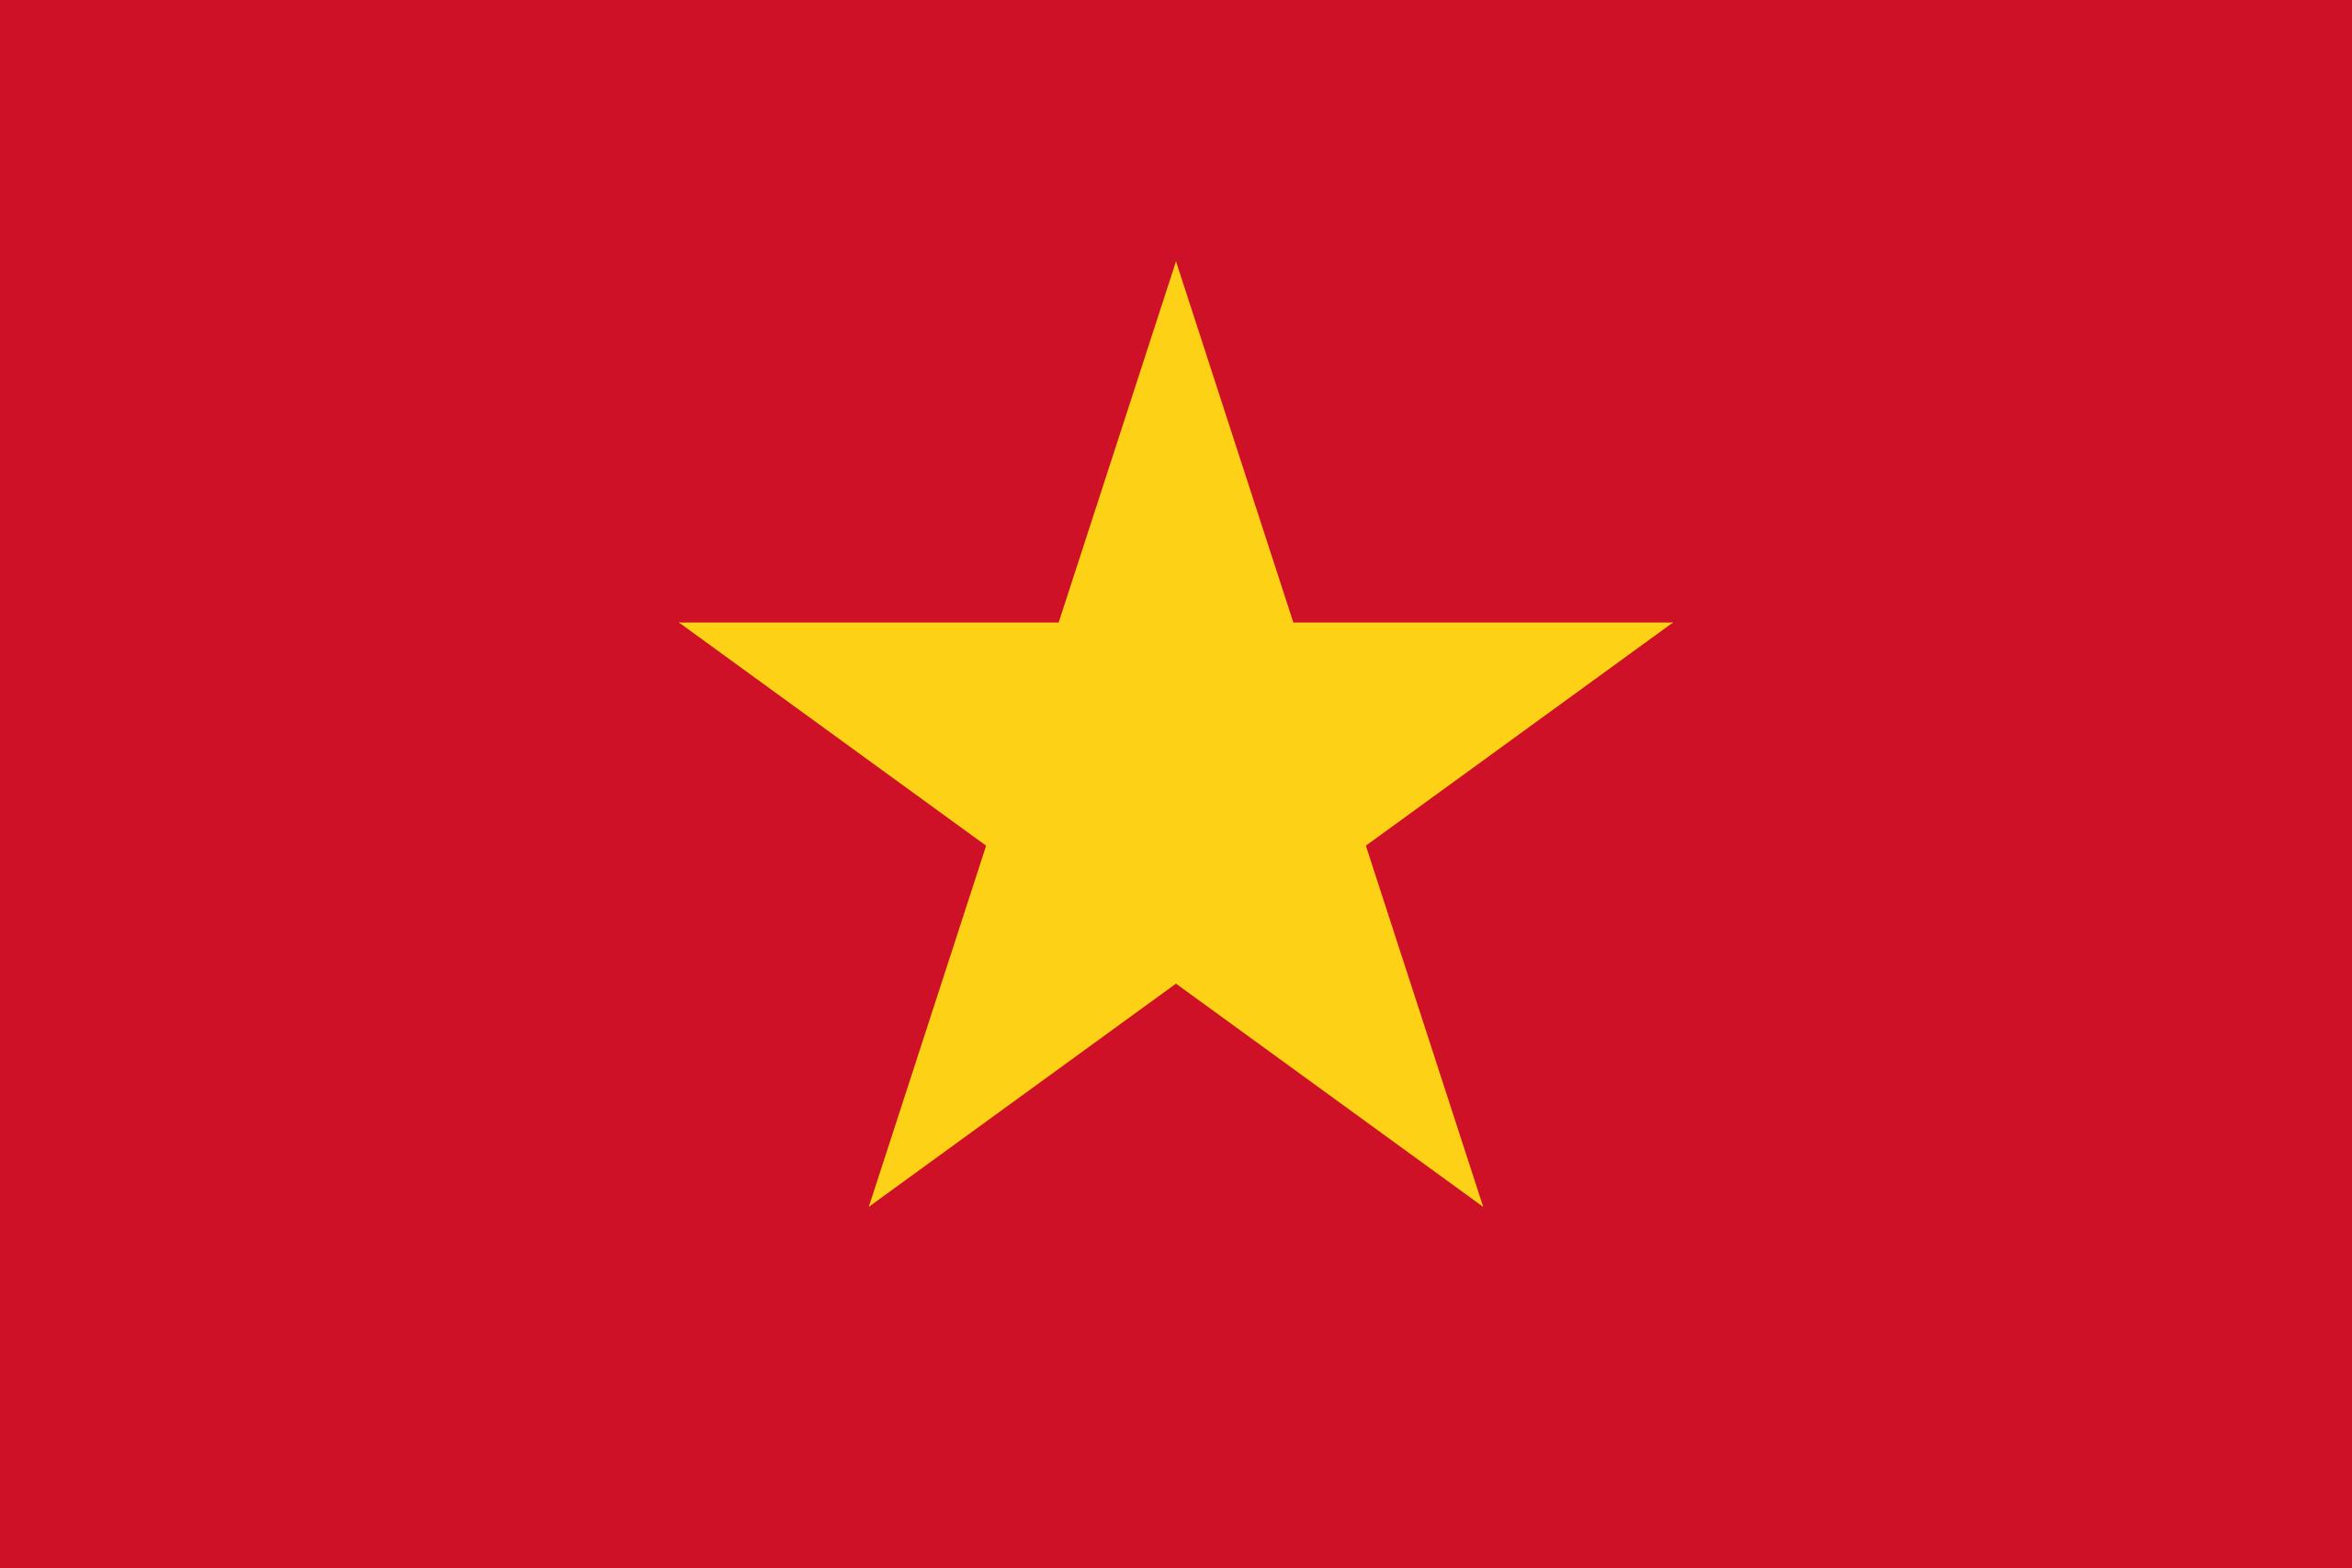 vietnam, país, emblema, insignia, símbolo - Fondos de Pantalla HD - professor-falken.com